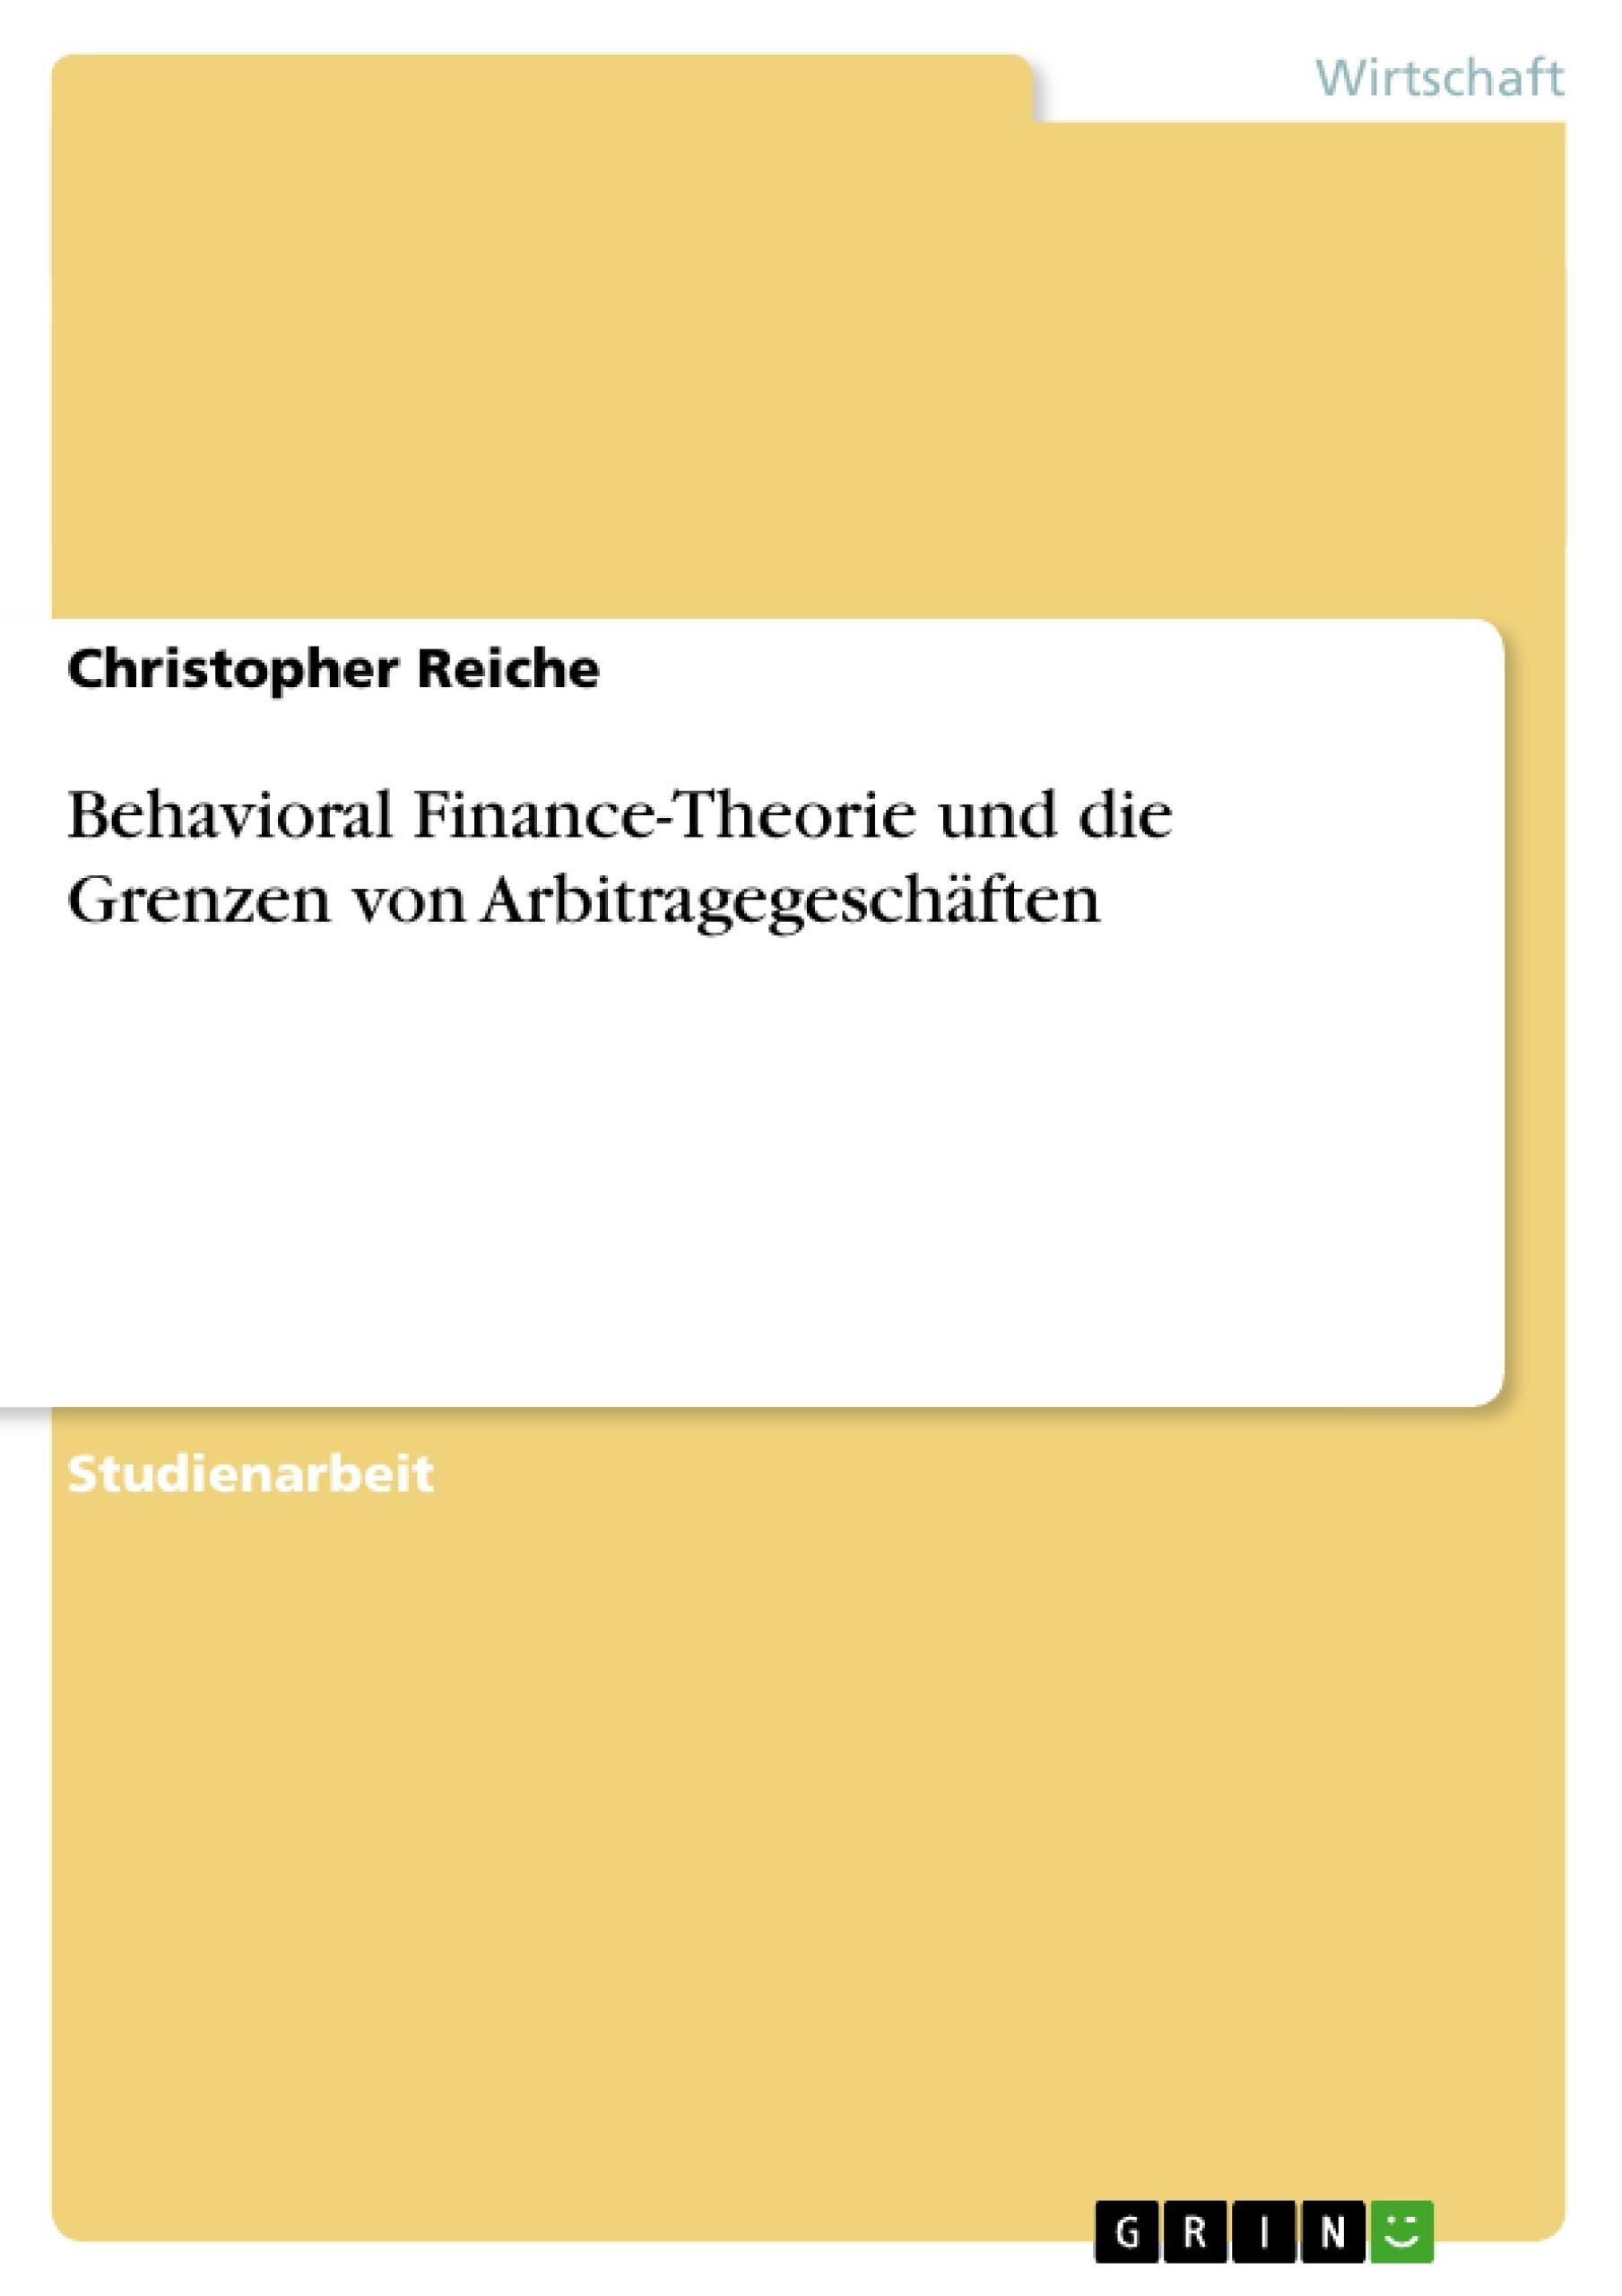 Titel: Behavioral Finance-Theorie und die Grenzen von Arbitragegeschäften